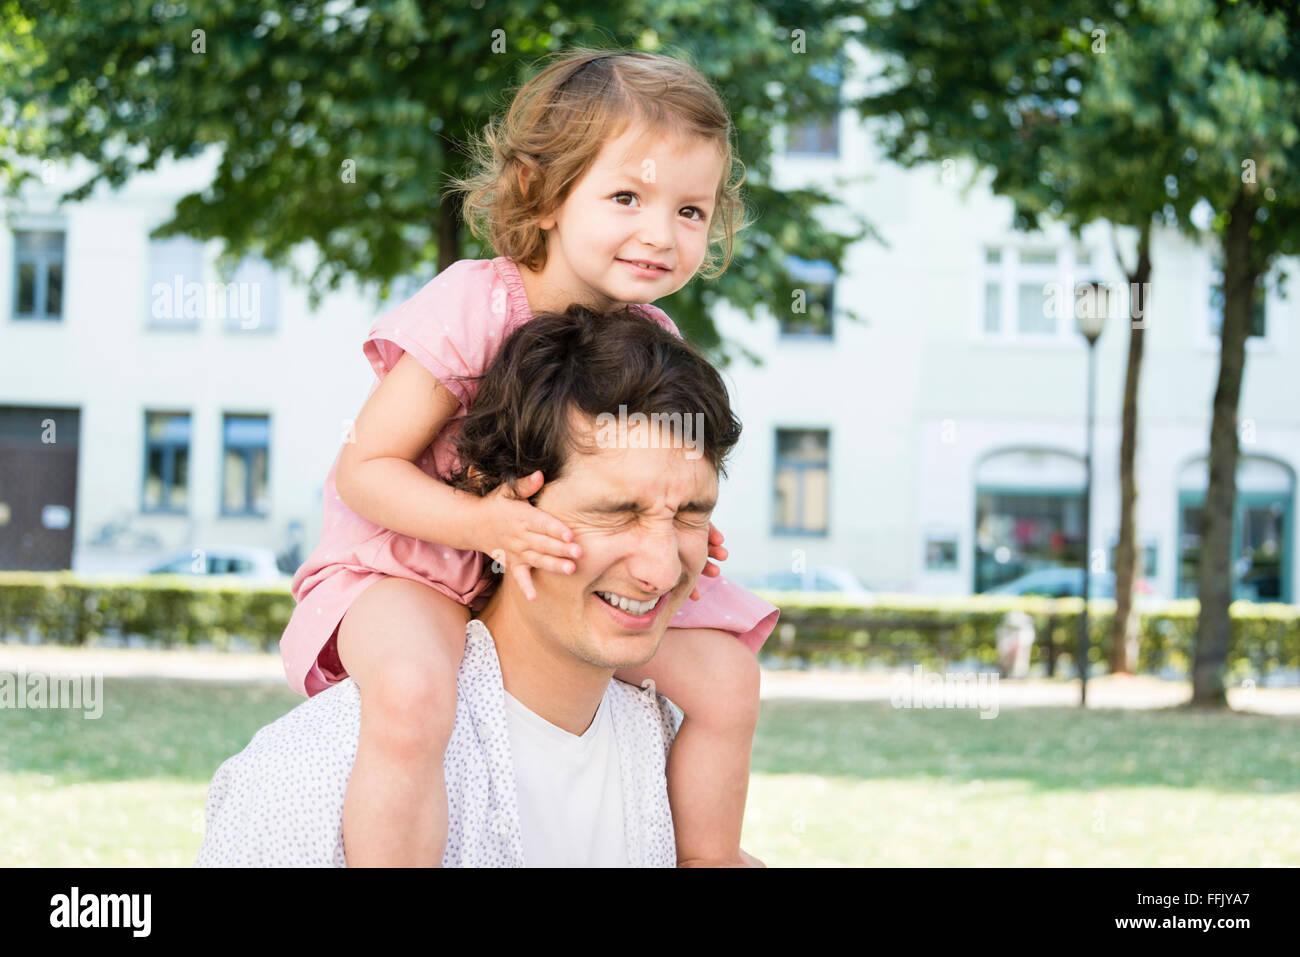 Vater mit Tochter auf Schultern Stockbild